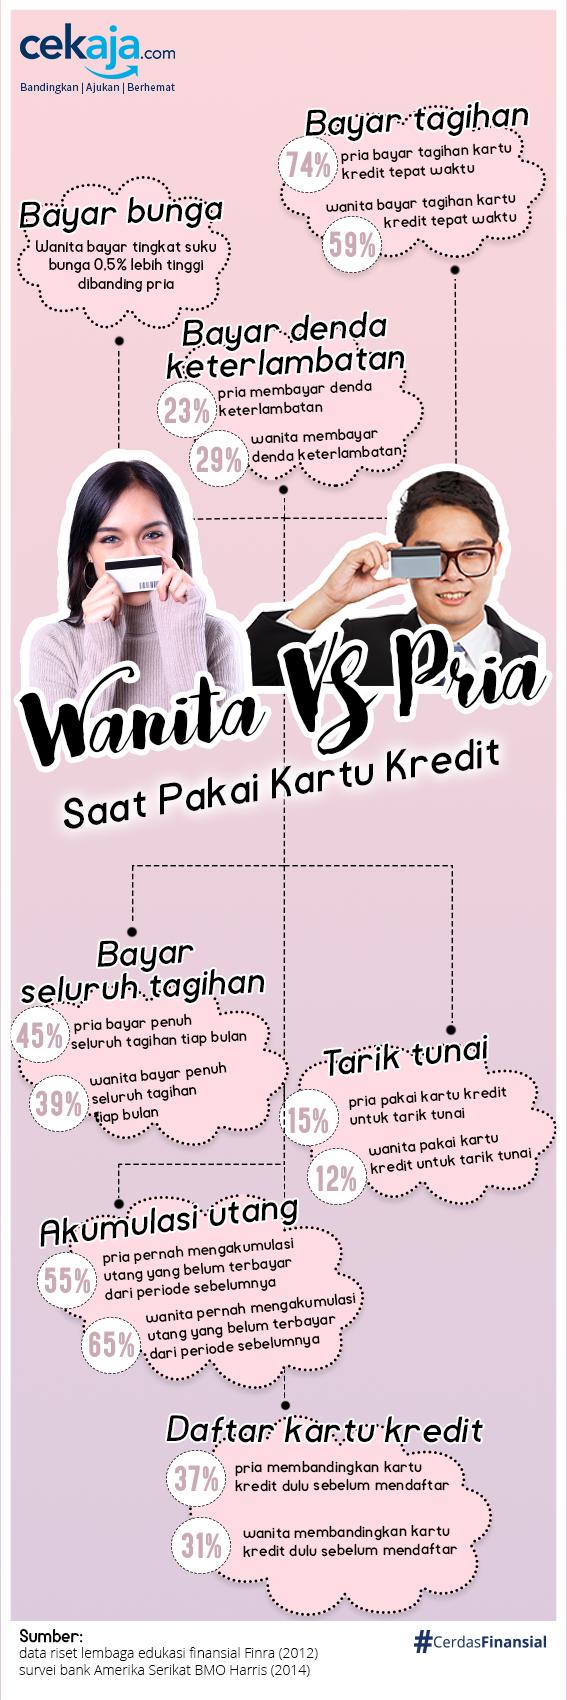 infografis kartu kredit pria wanita - CekAja.com